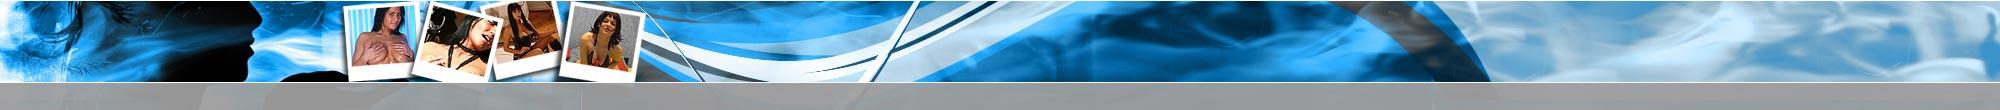 24 Geiler Camsex Live Shows ohne Anmeldung